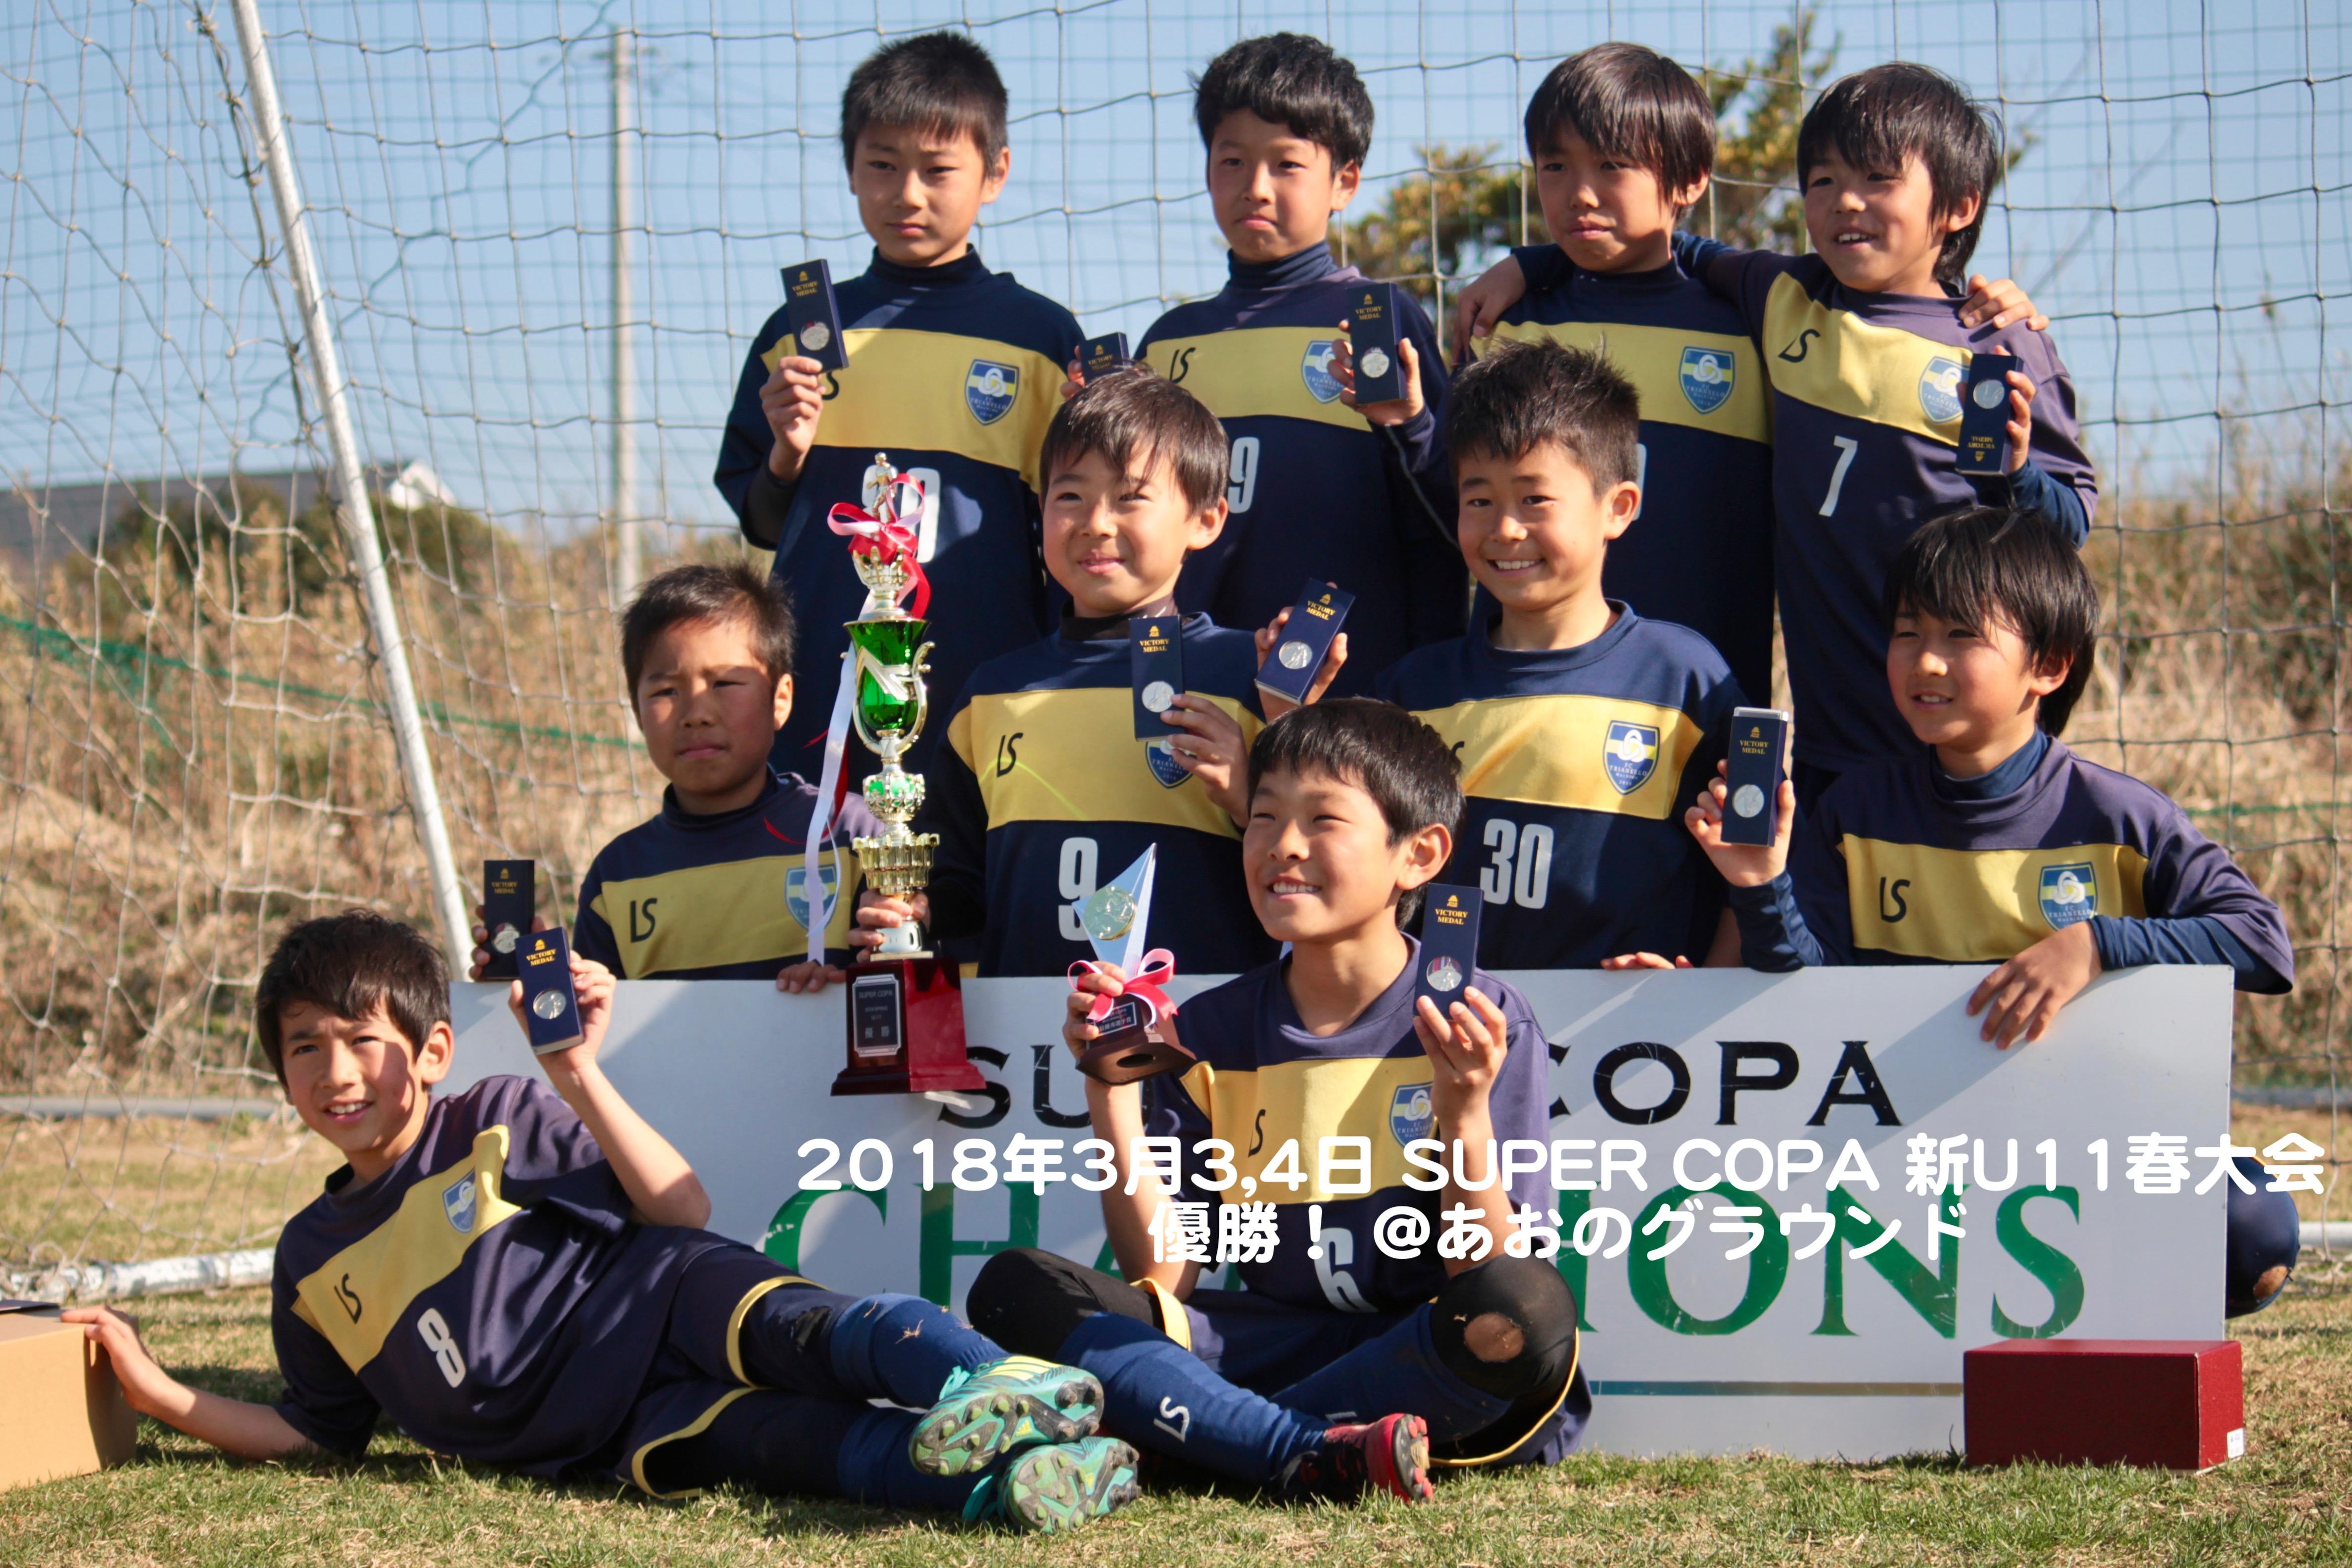 180303_4SUper COPA 新U11優勝